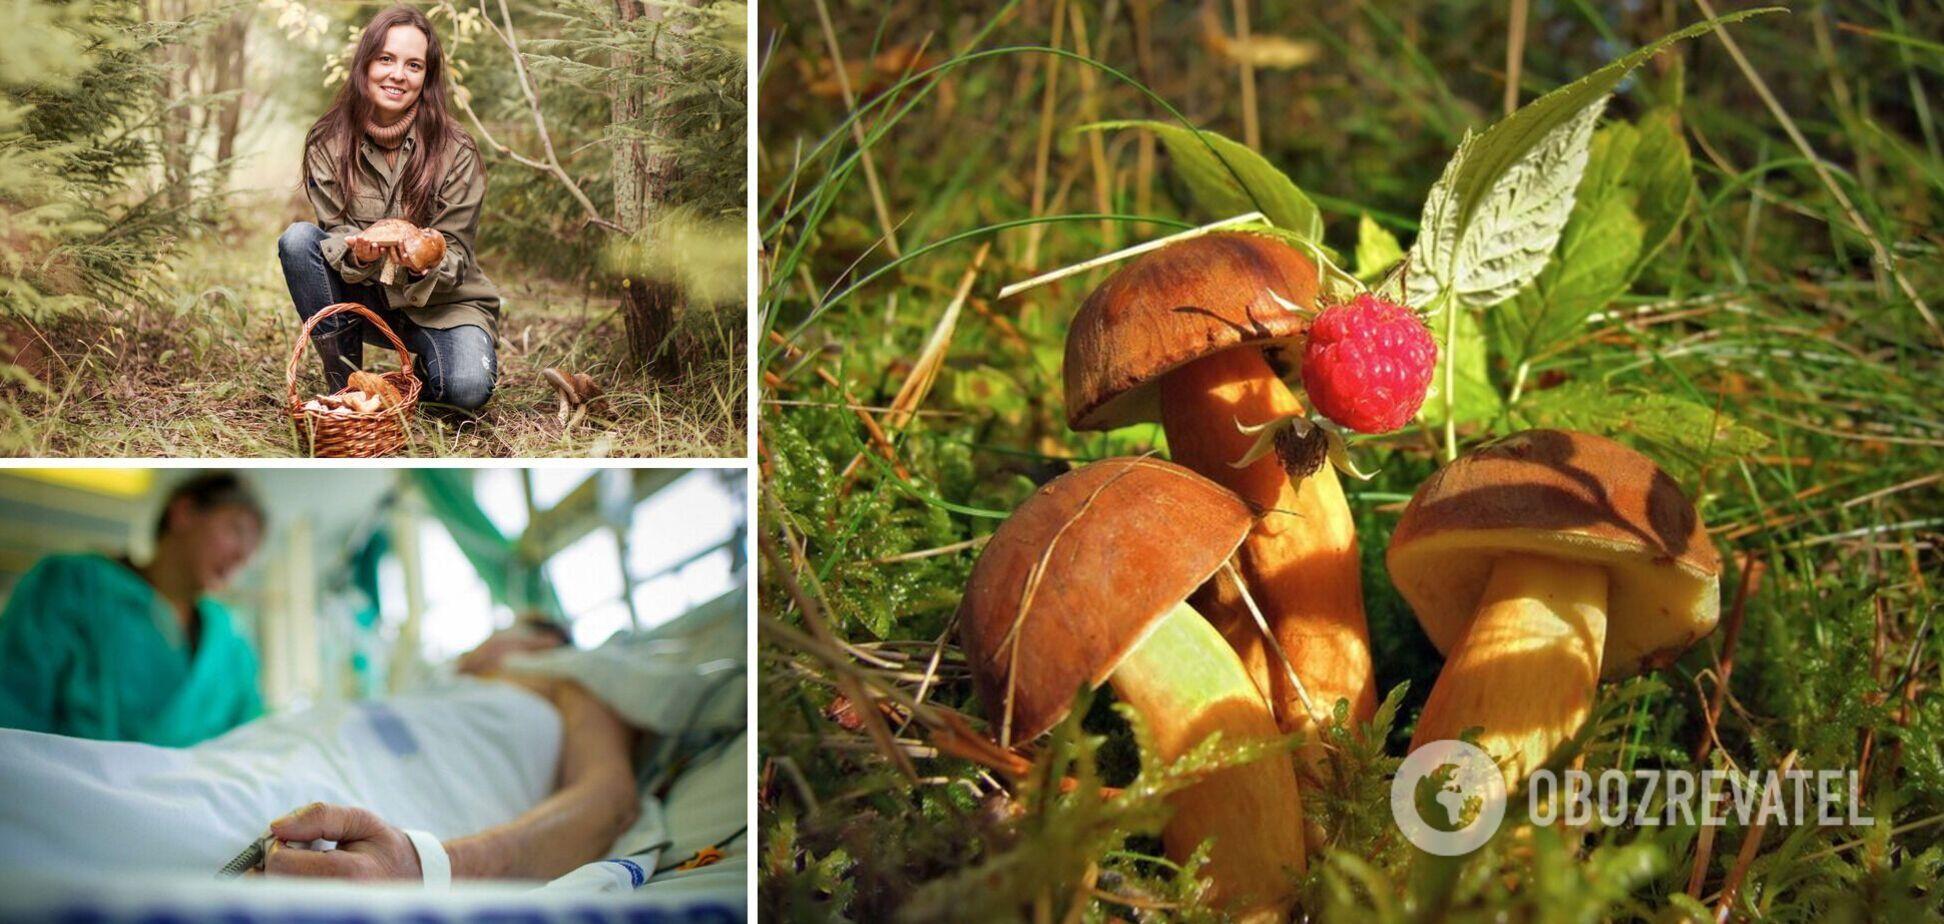 Задуха і марення: медикиня назвала перші симптоми отруєння грибами і сказала, кому вони протипоказані